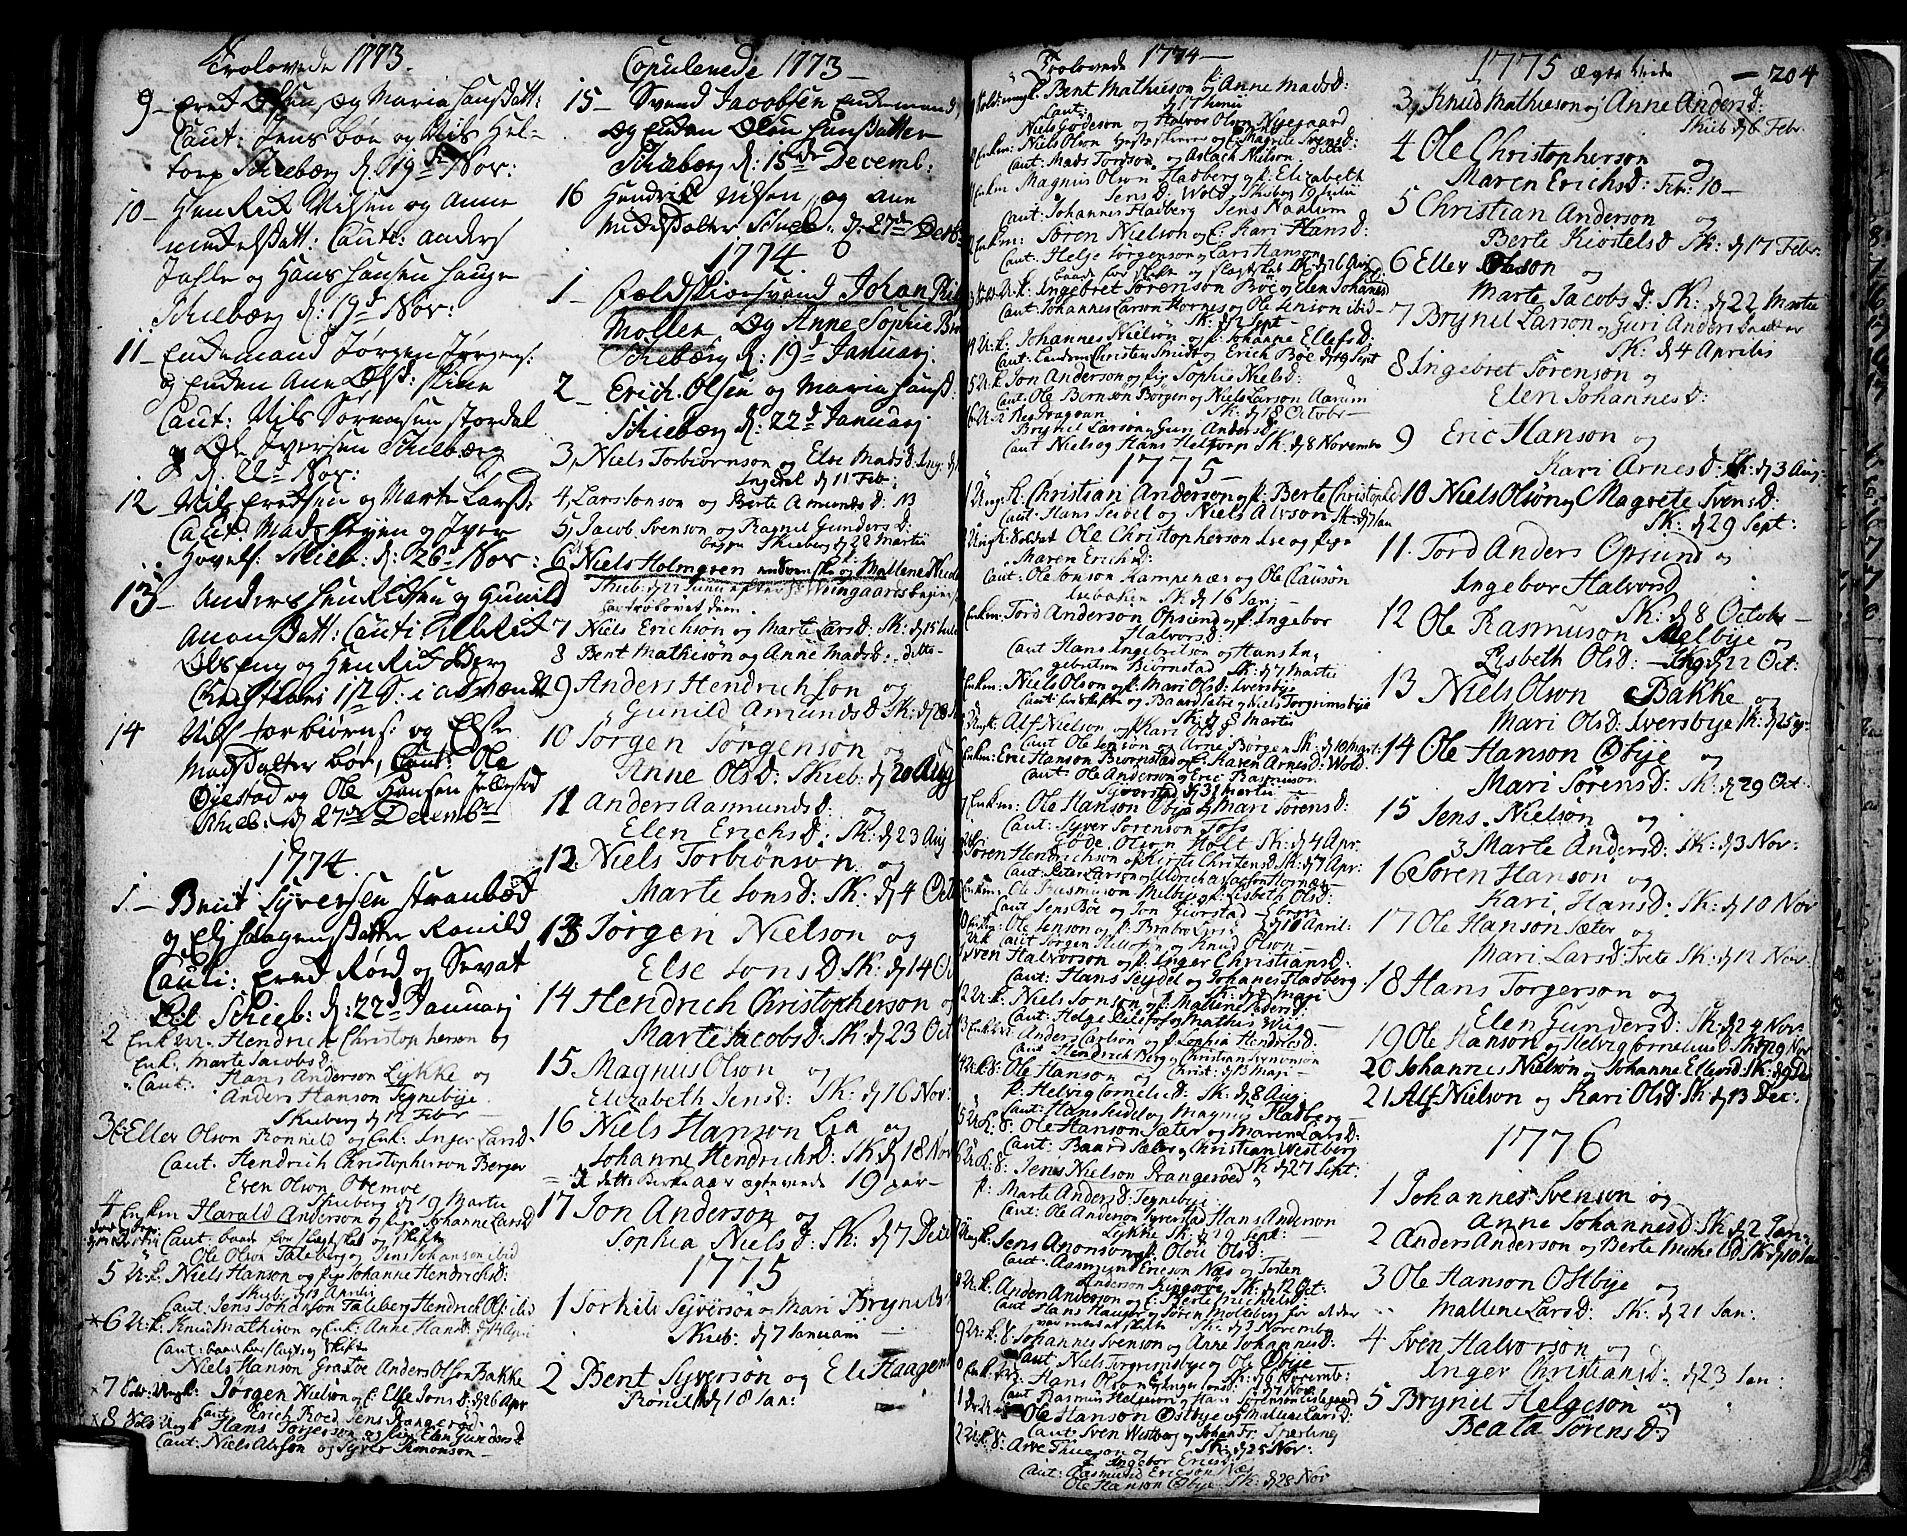 SAO, Skjeberg prestekontor Kirkebøker, F/Fa/L0002: Ministerialbok nr. I 2, 1726-1791, s. 204